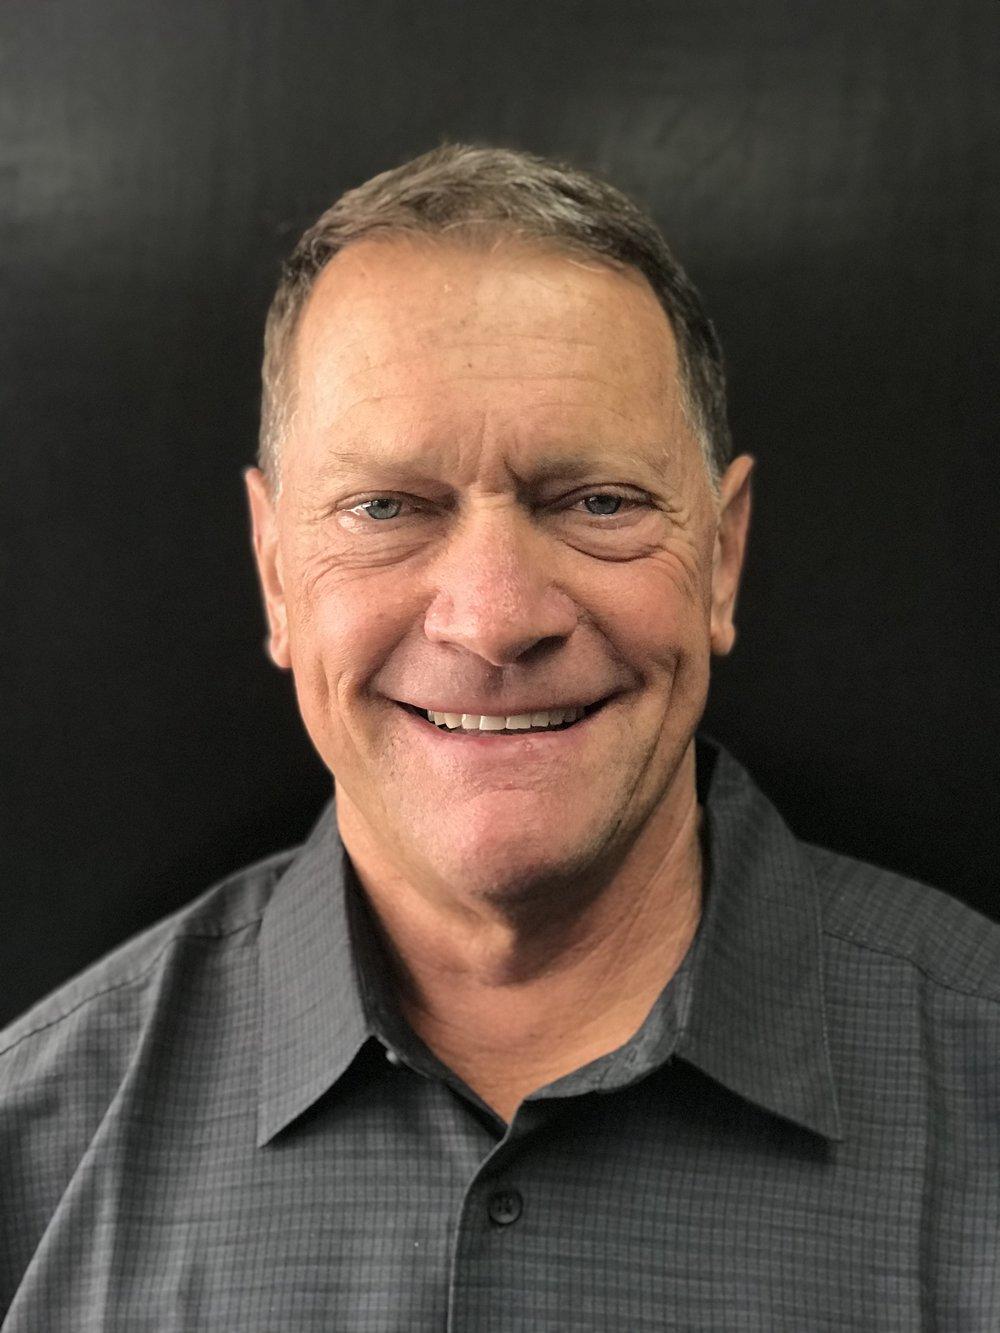 Lee Gumbiner, President